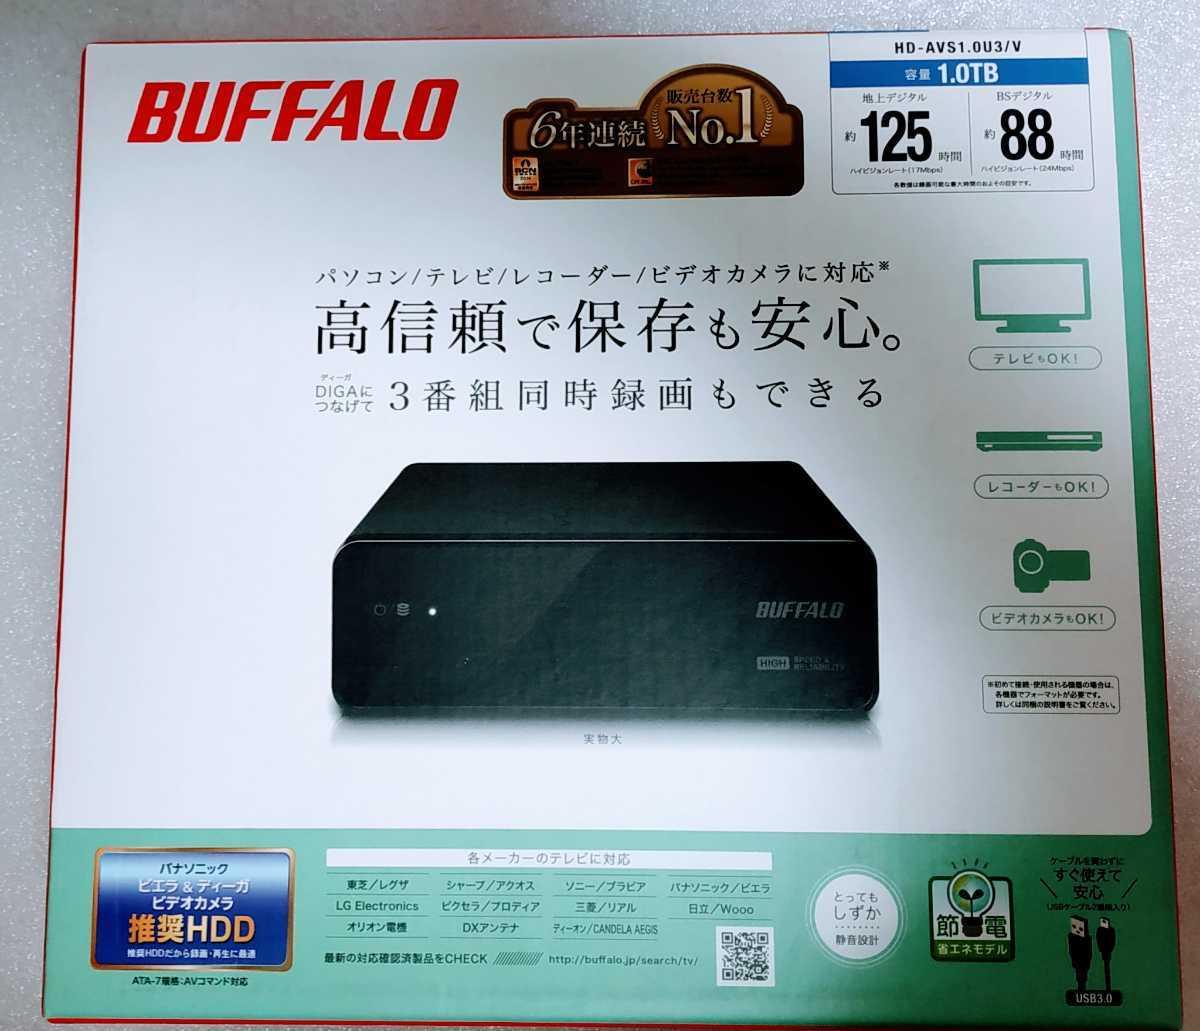 新品 送料無料 1TB バッファロー テレビ録画対応 外付けHDD HD-AVS1.0U3/V